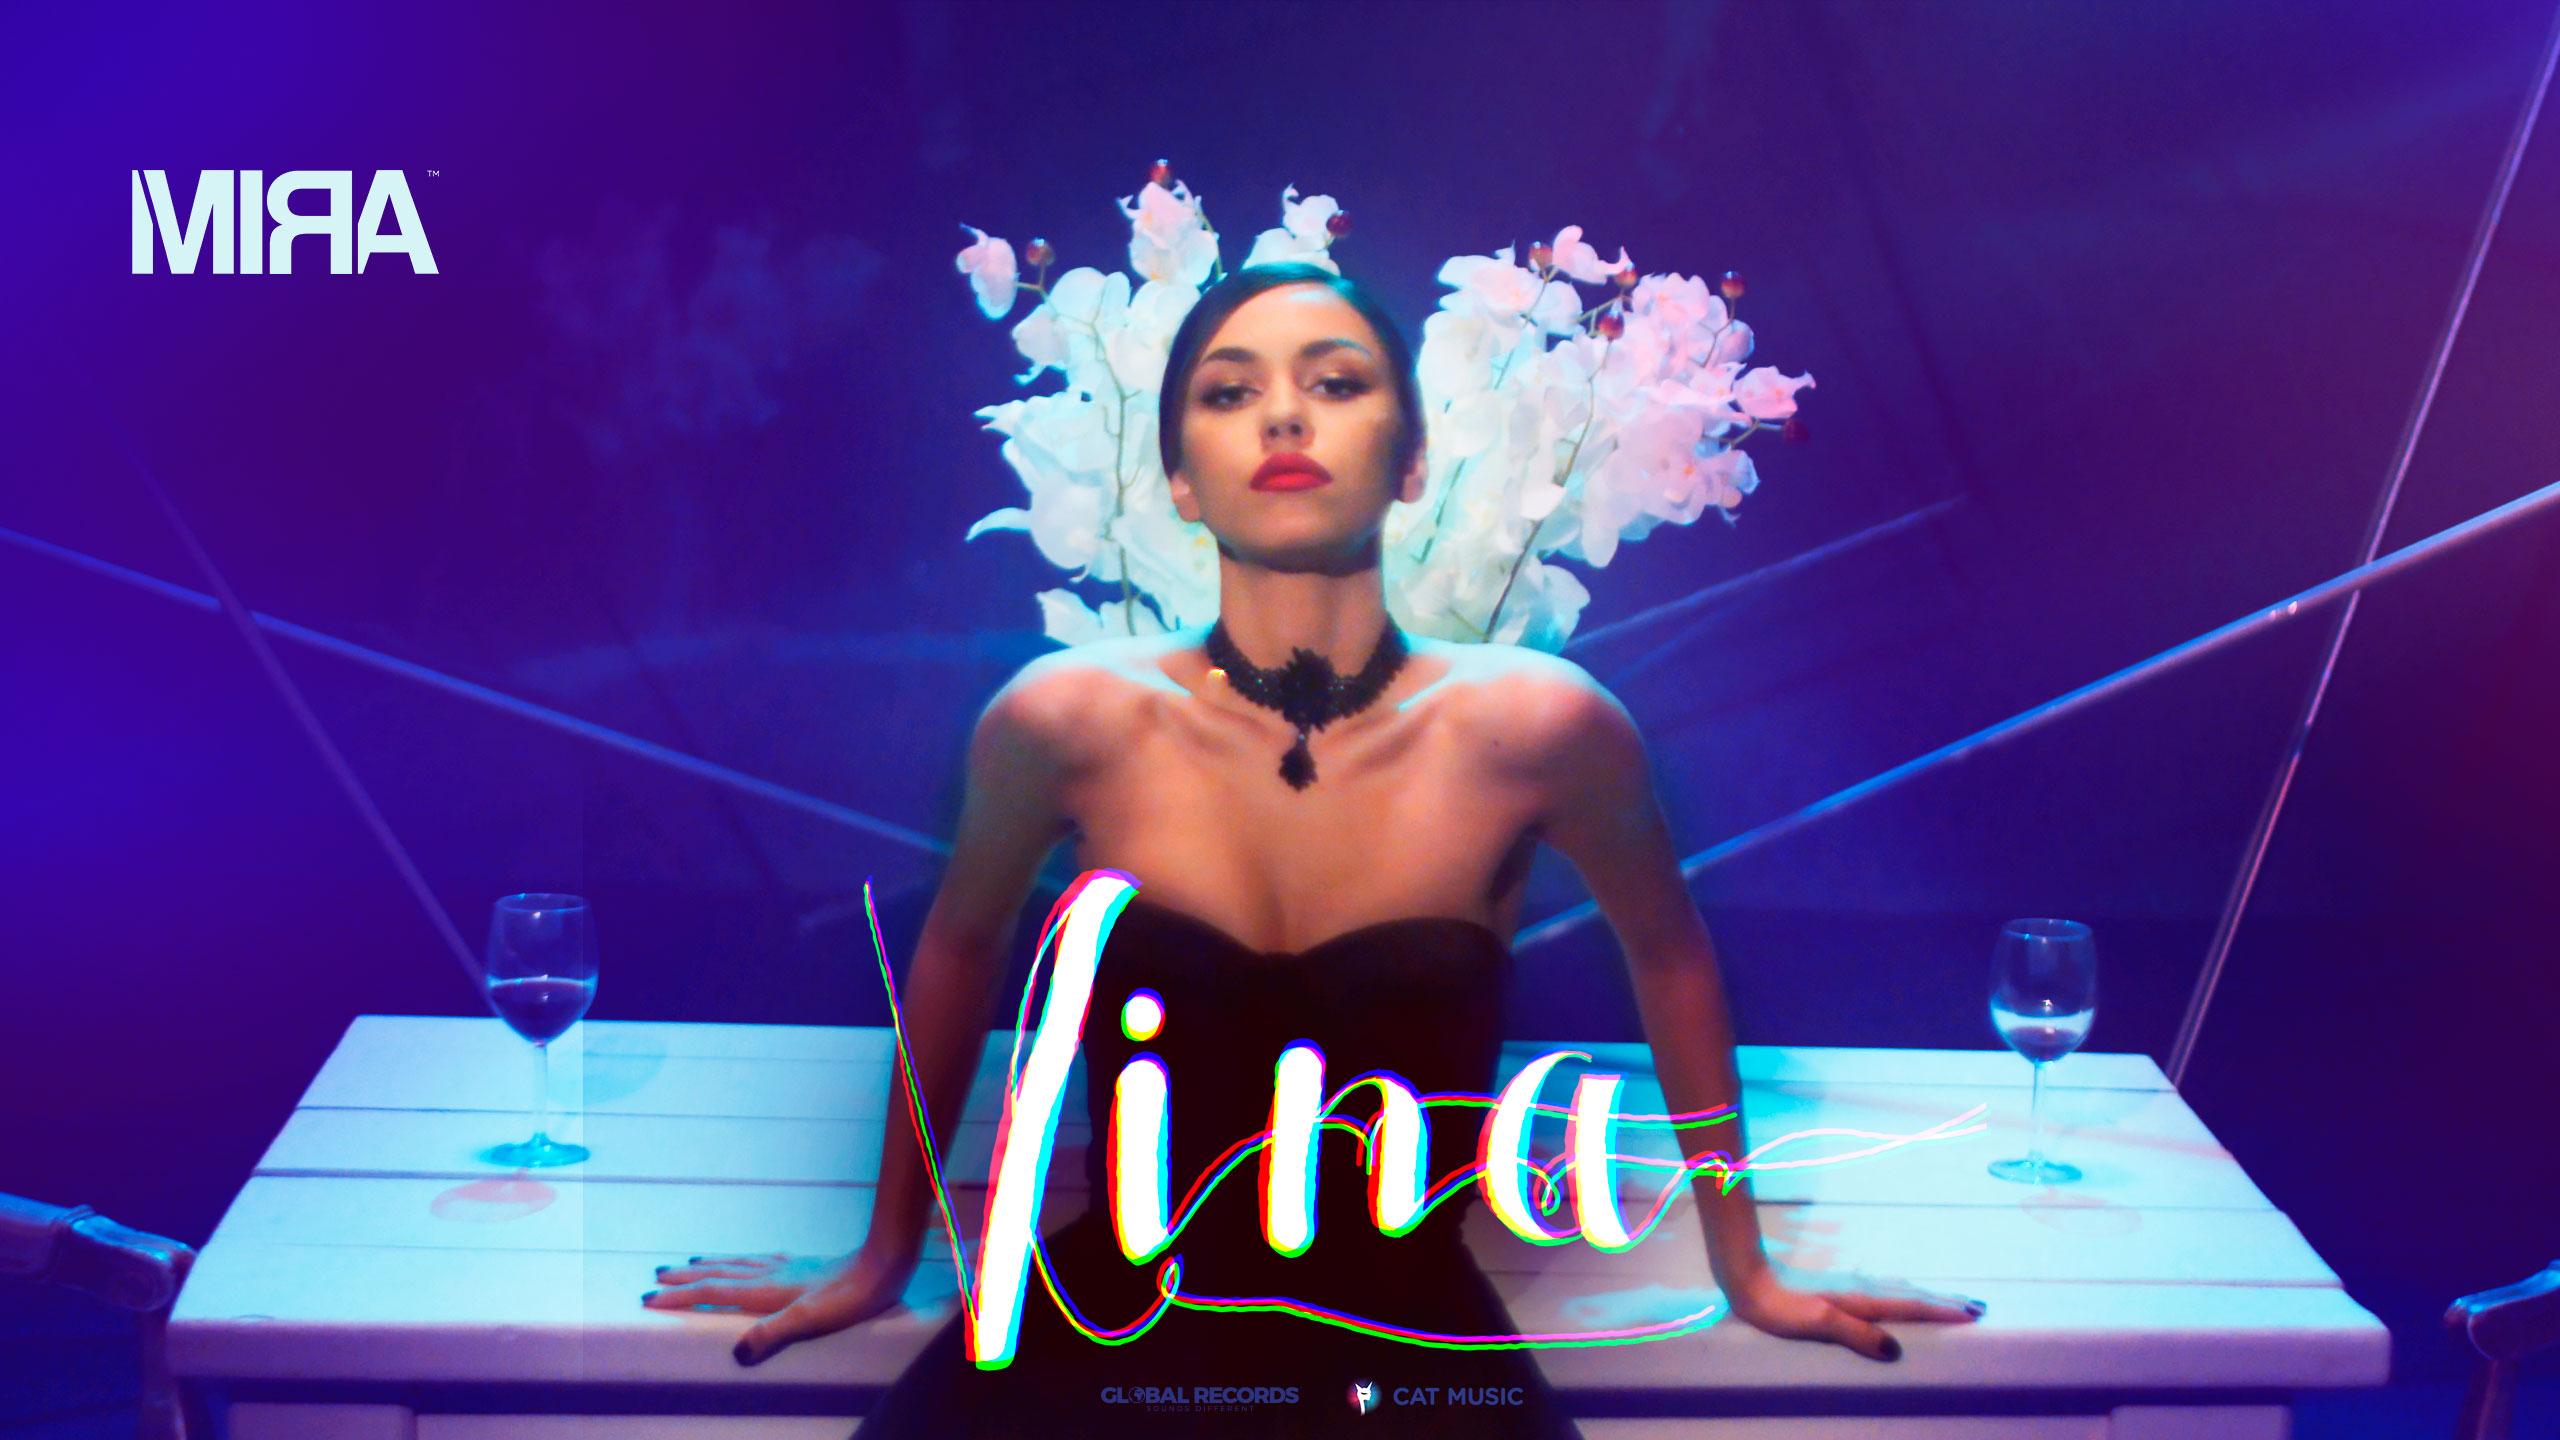 """MIRA lanseaza continuarea single-ului """"Uit de tine"""": """"Vina"""""""